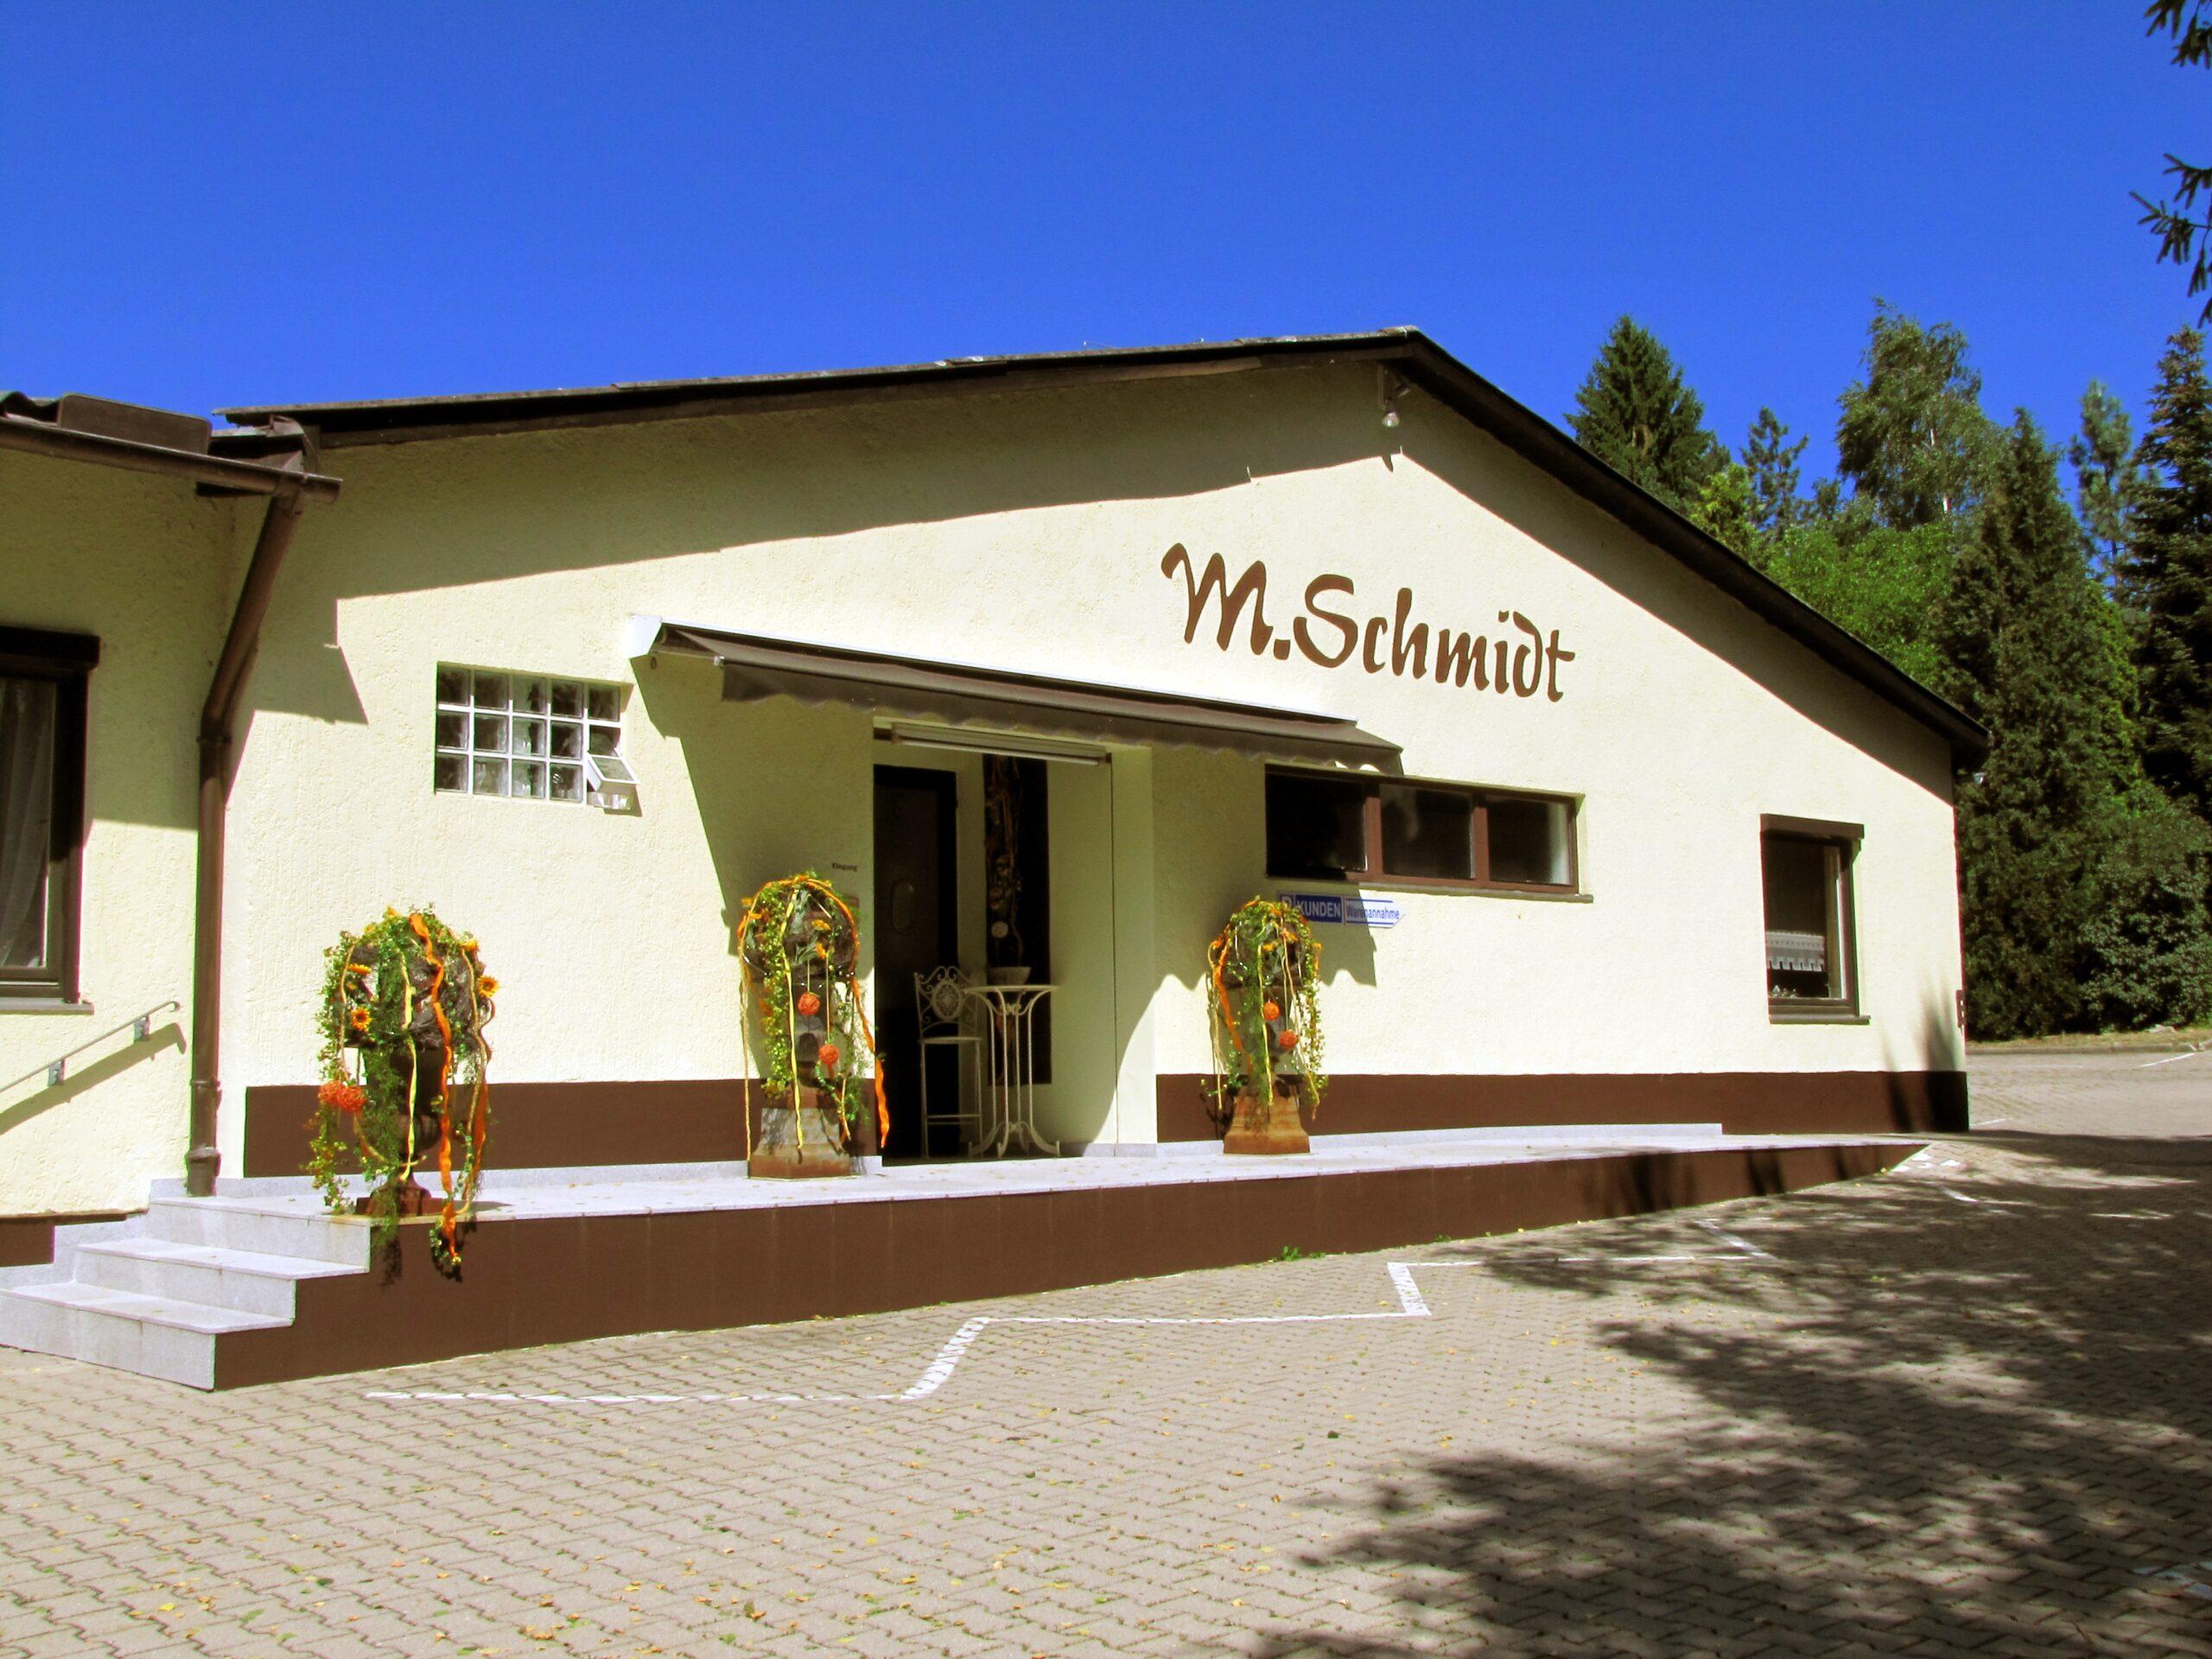 Mathias Schmidt GmbH, Großhandel für Klosterarbeiten in Triftern